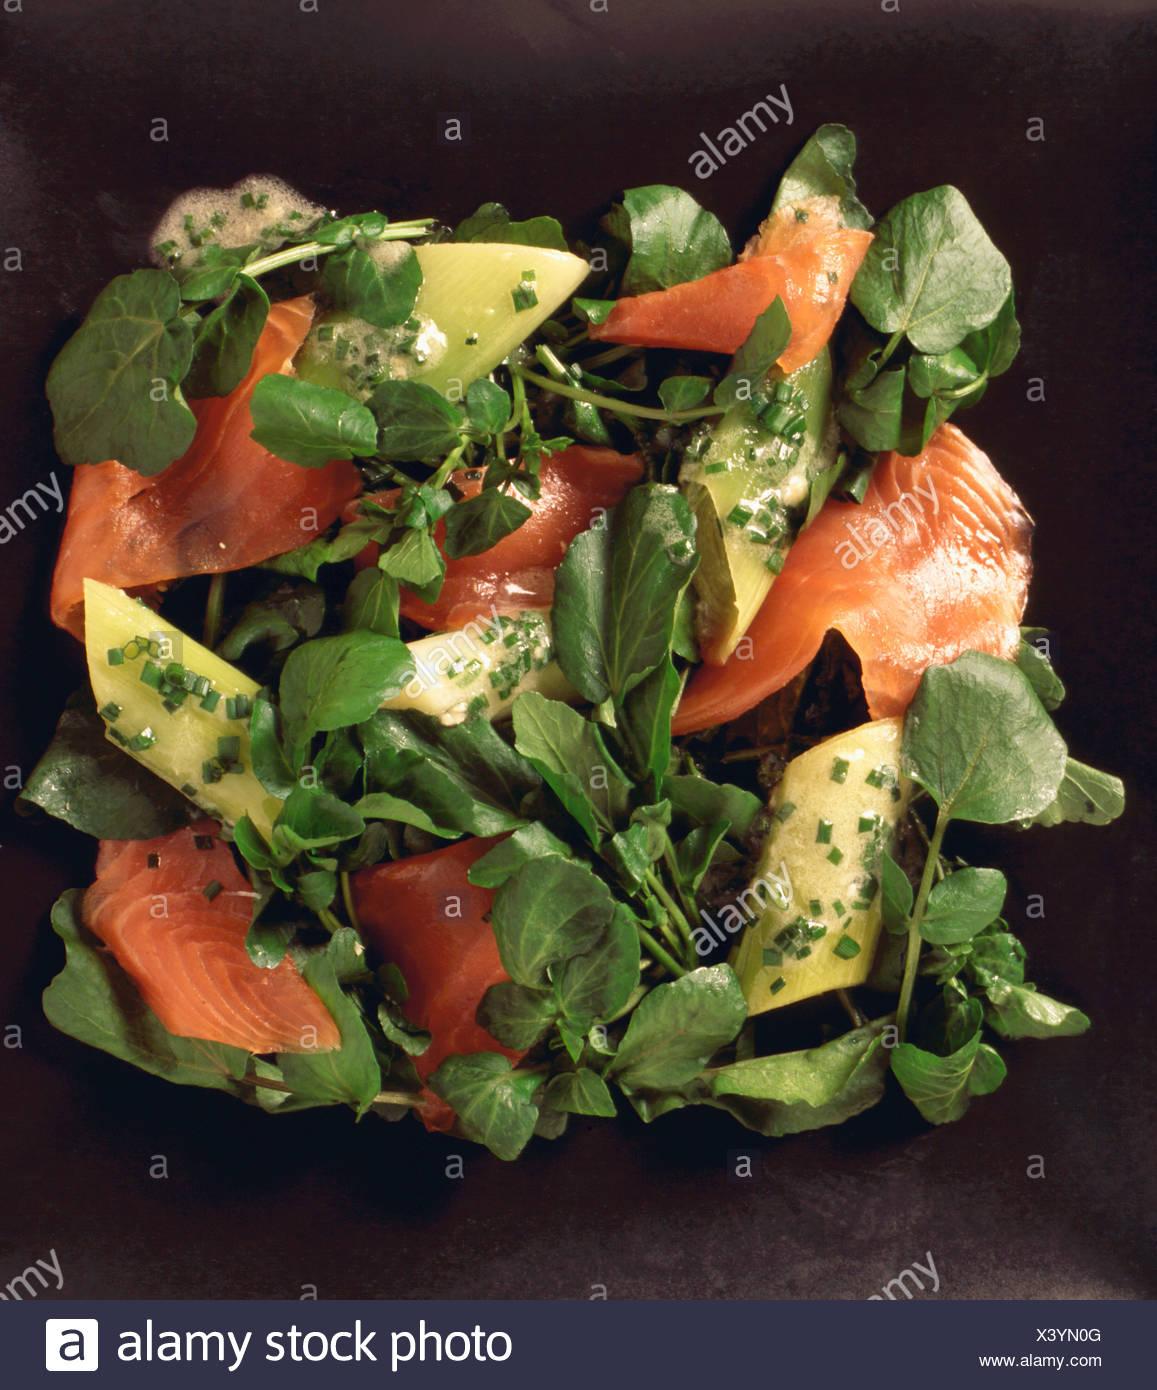 Prodotti alimentari - crescione e insalata di salmone Immagini Stock